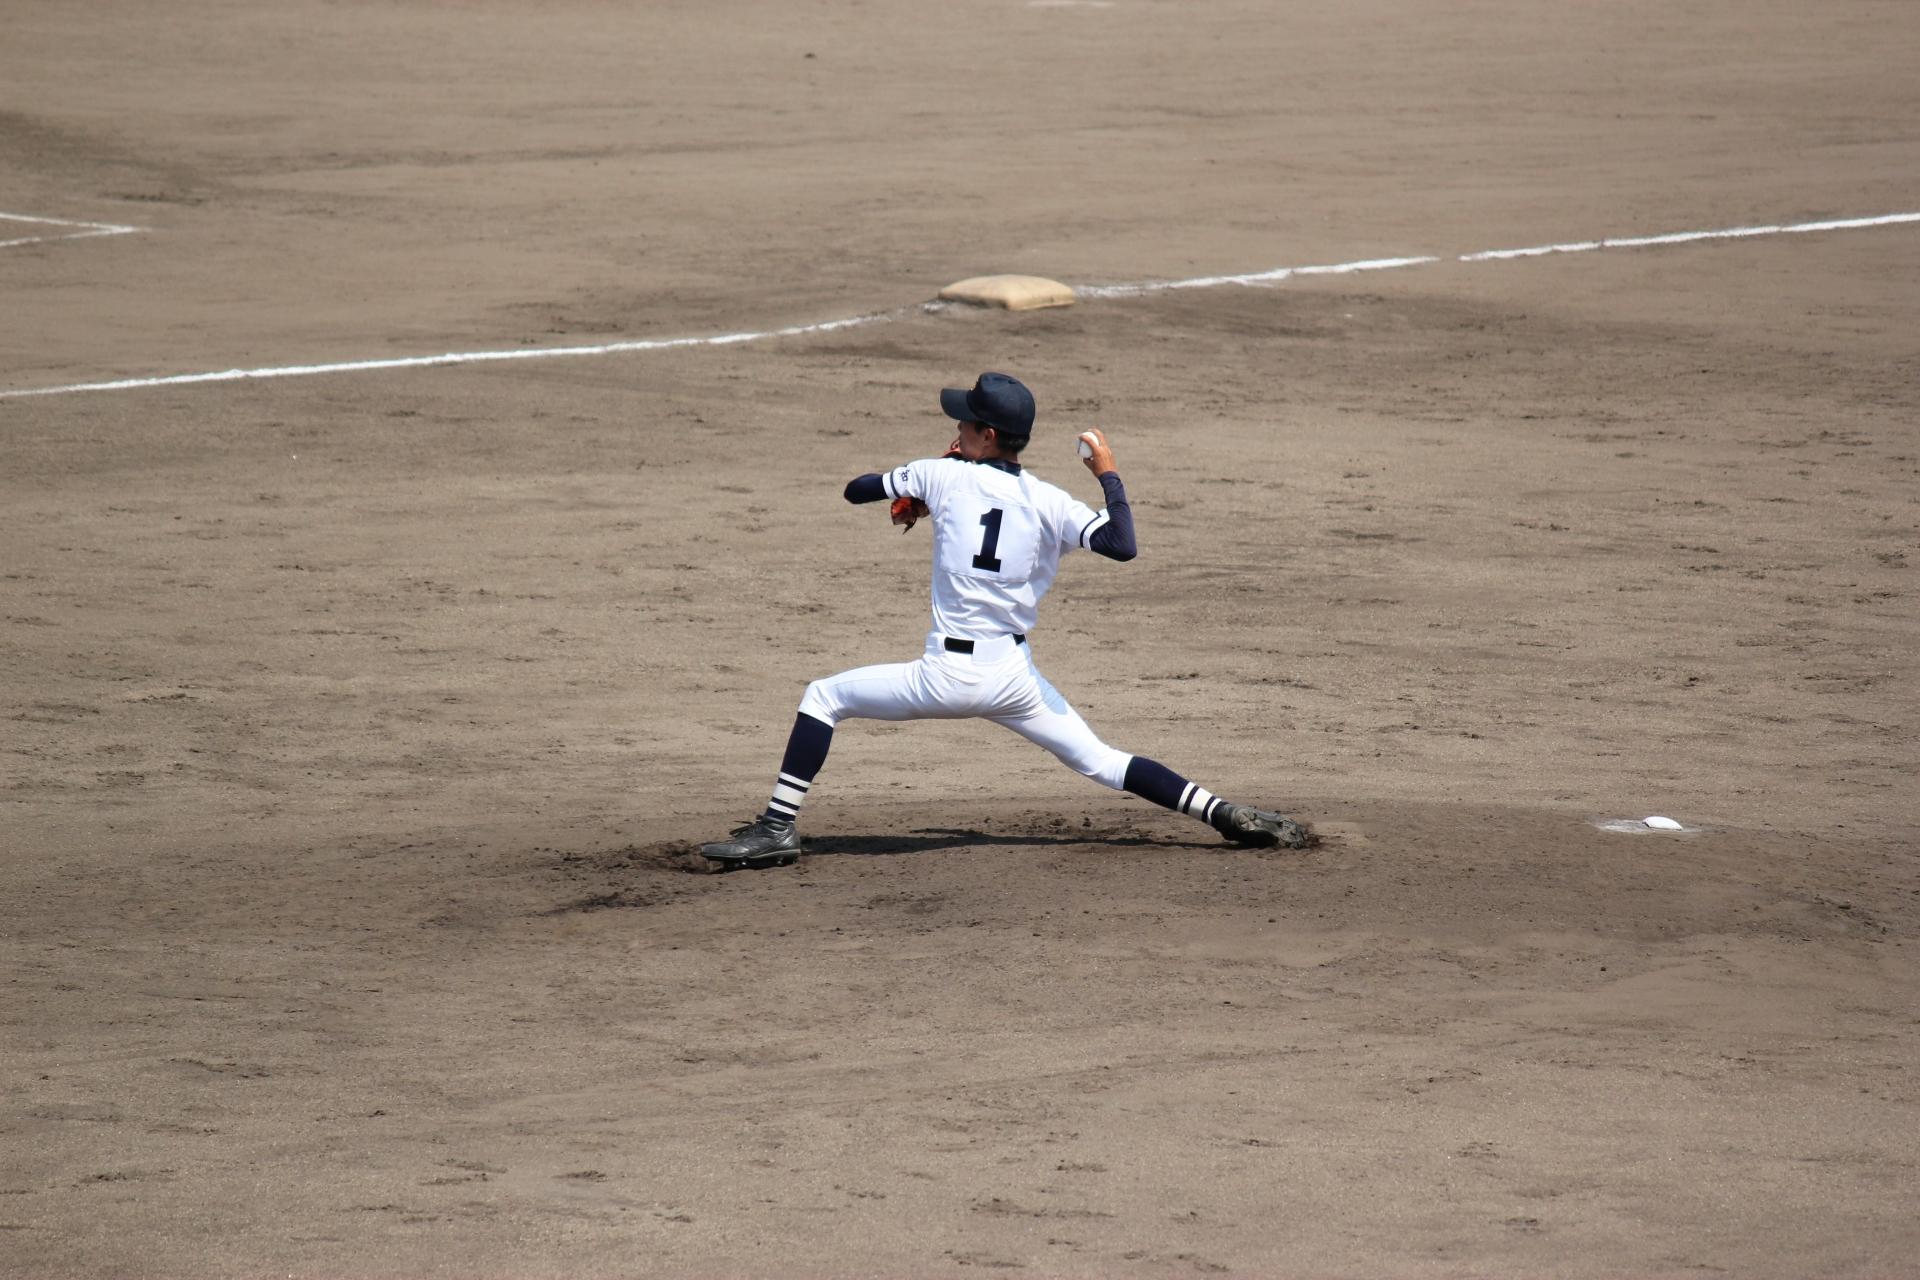 野球肘を治す方法と予防のためのフォーム修正を知ろう